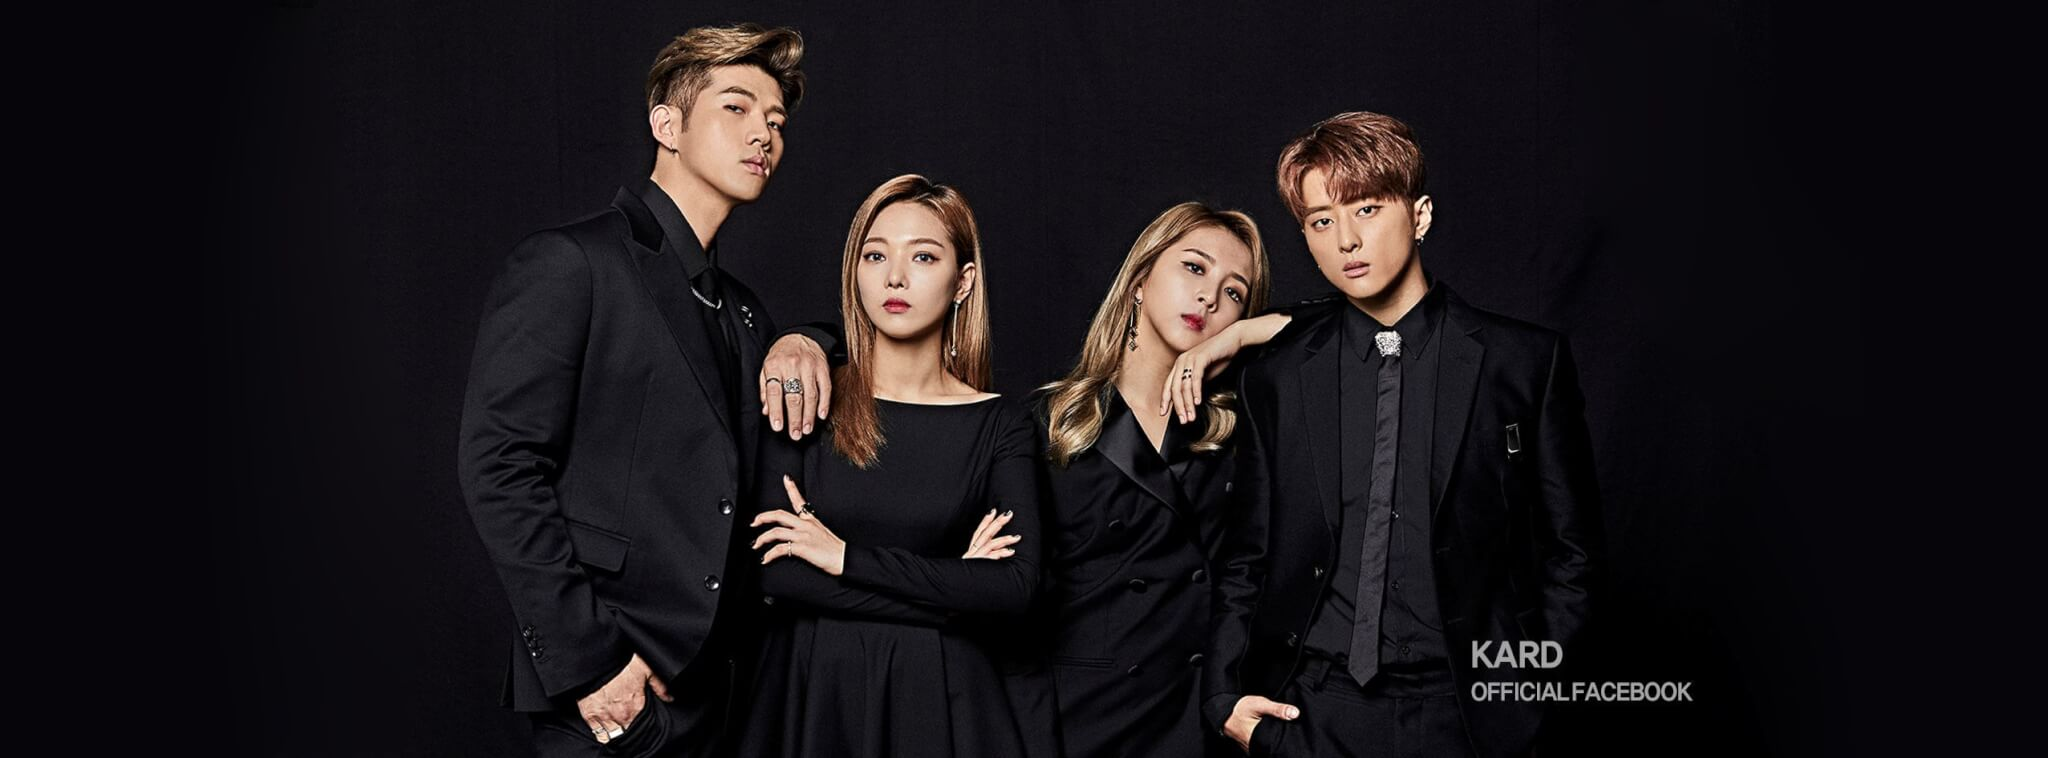 KARD confirmam Data de Comeback com Novo Mini Álbum